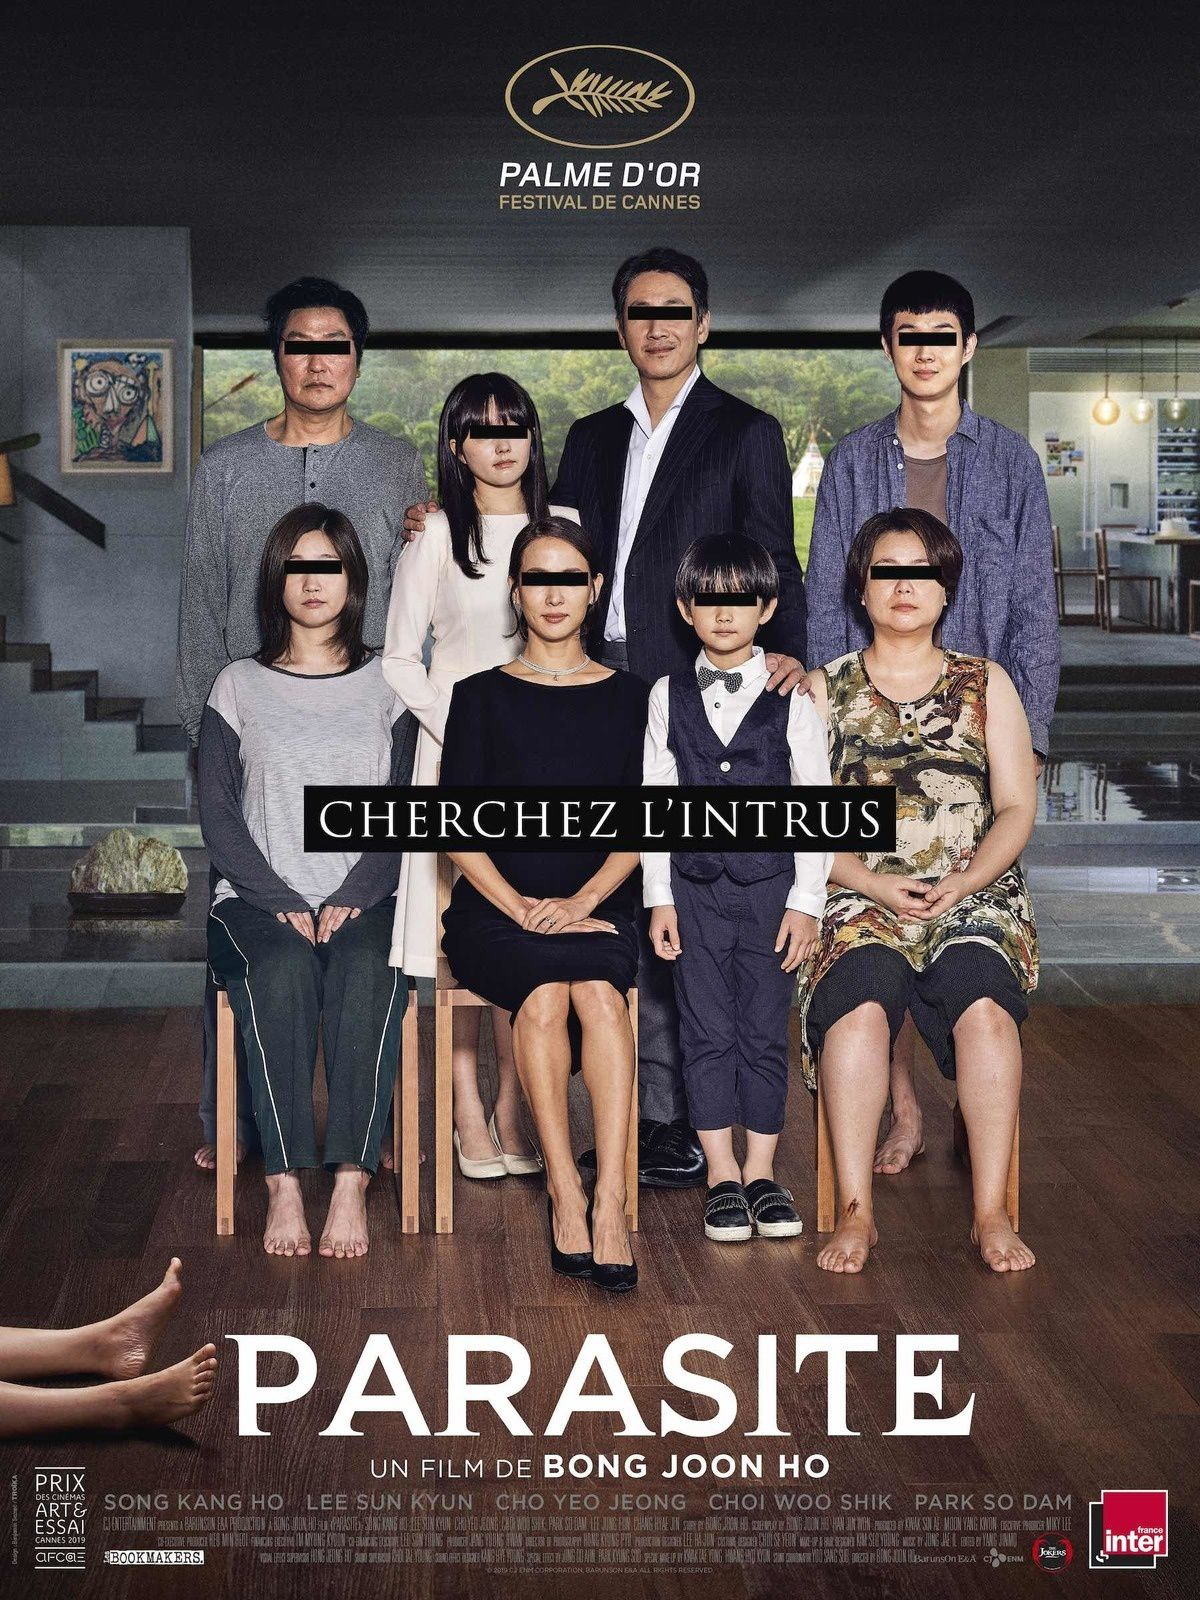 À voir dès ce mercredi au cinéma : Parasite, Palme d'Or à Cannes.